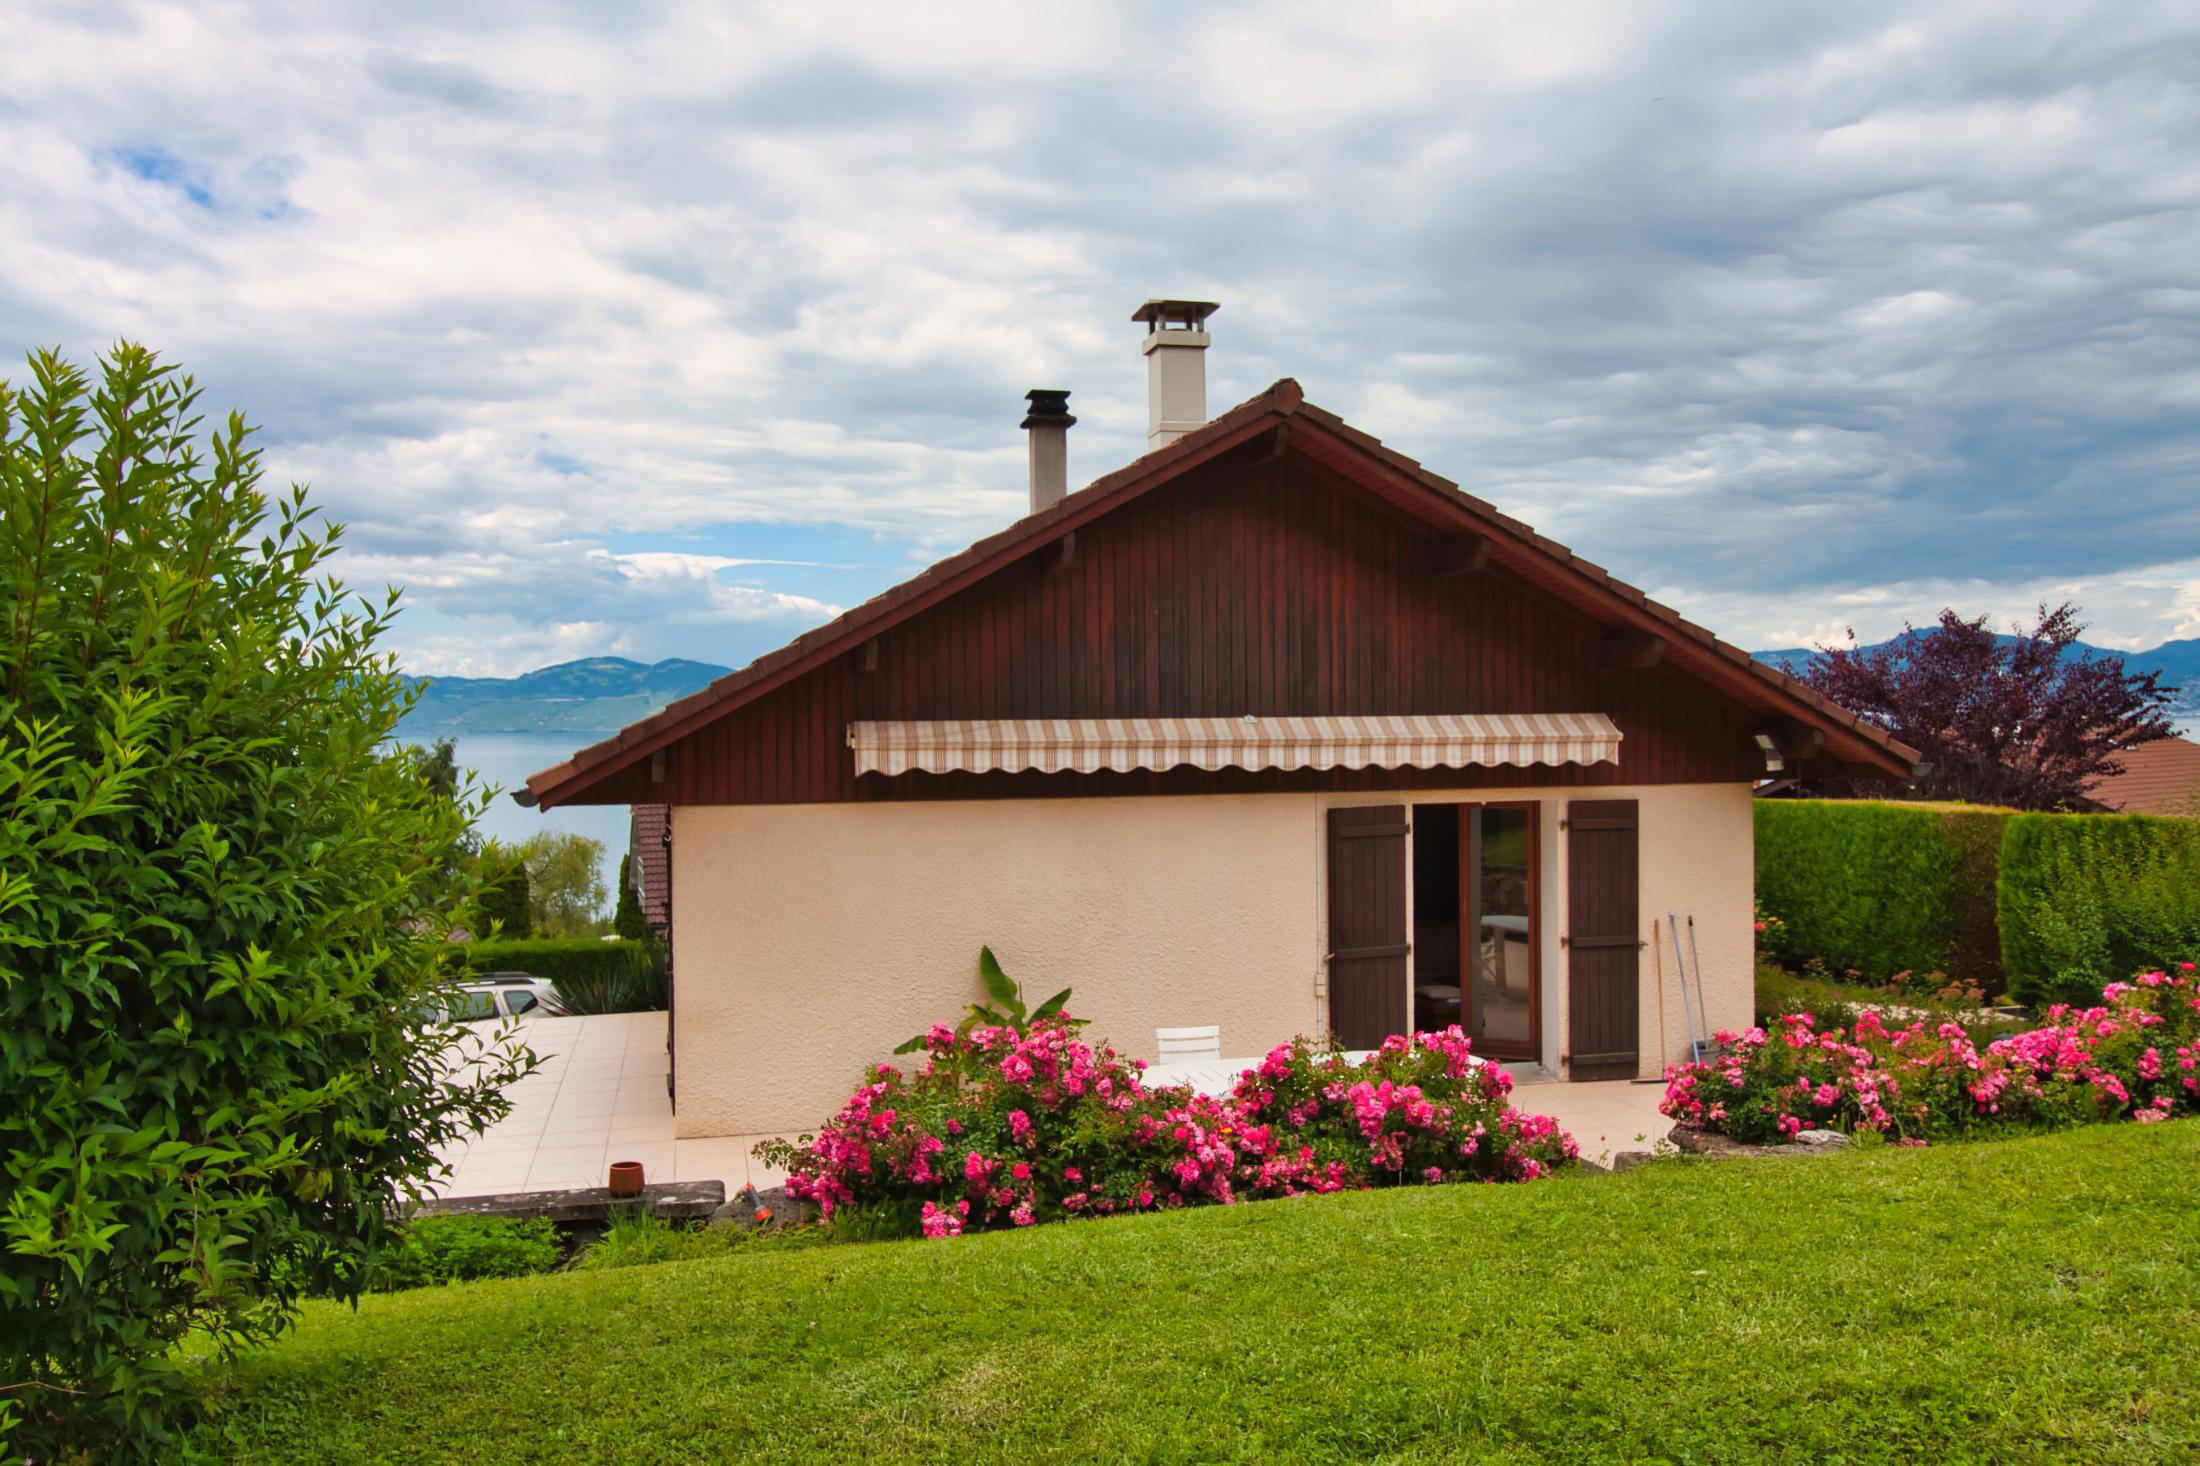 vente maison avec vue sur le lac léman saint gingolph